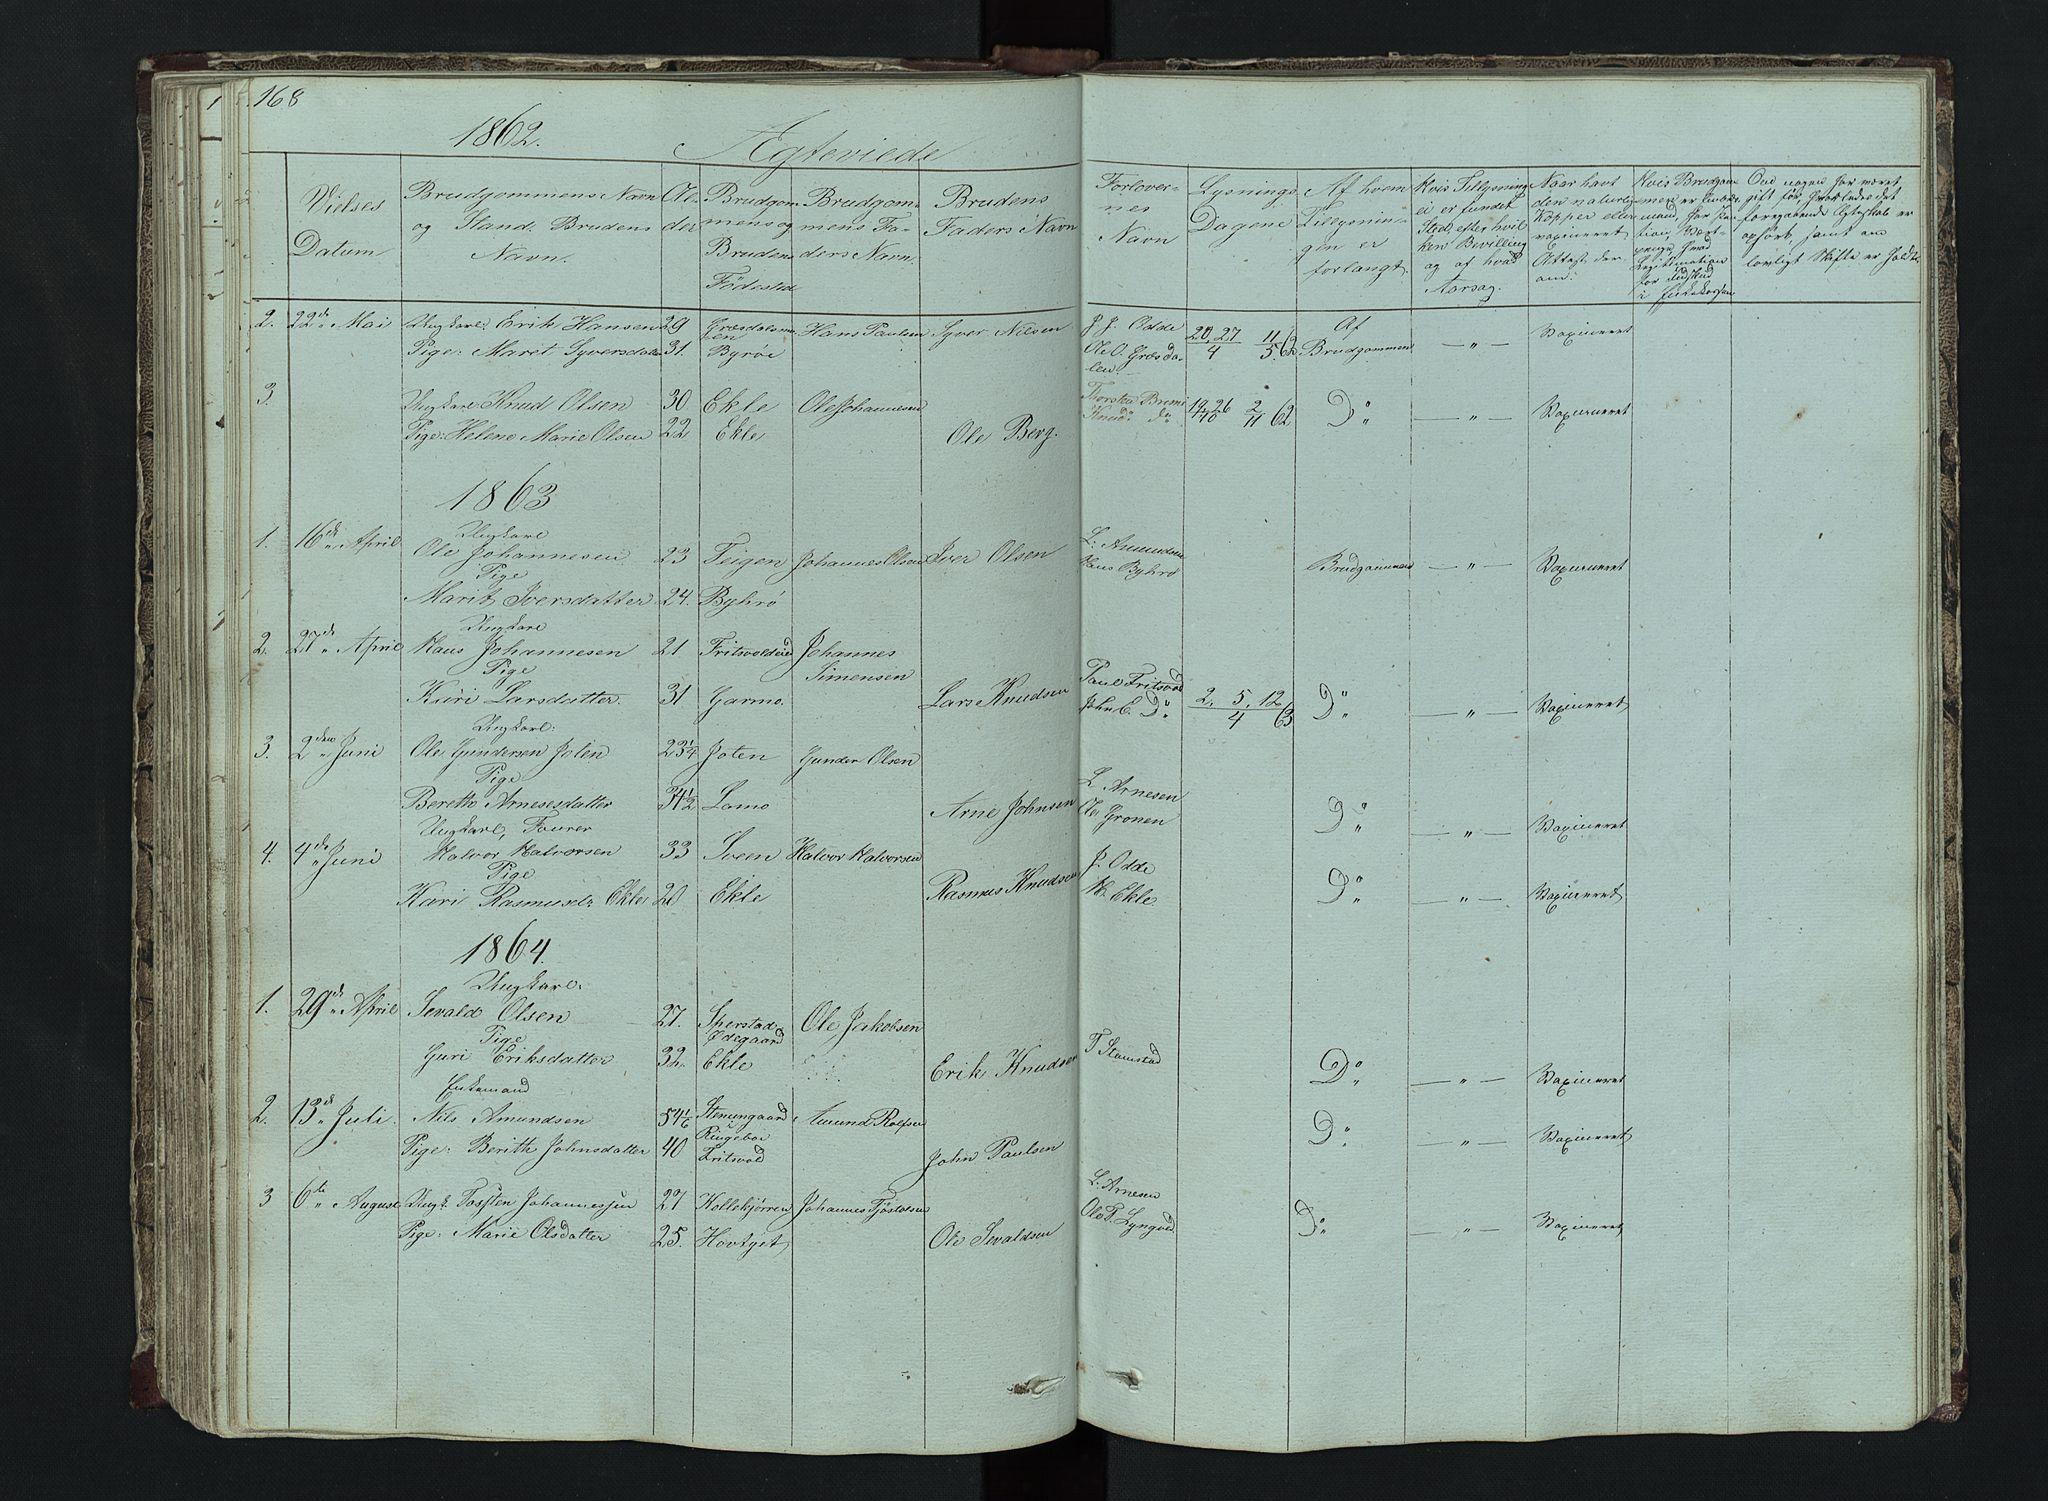 SAH, Lom prestekontor, L/L0014: Klokkerbok nr. 14, 1845-1876, s. 168-169